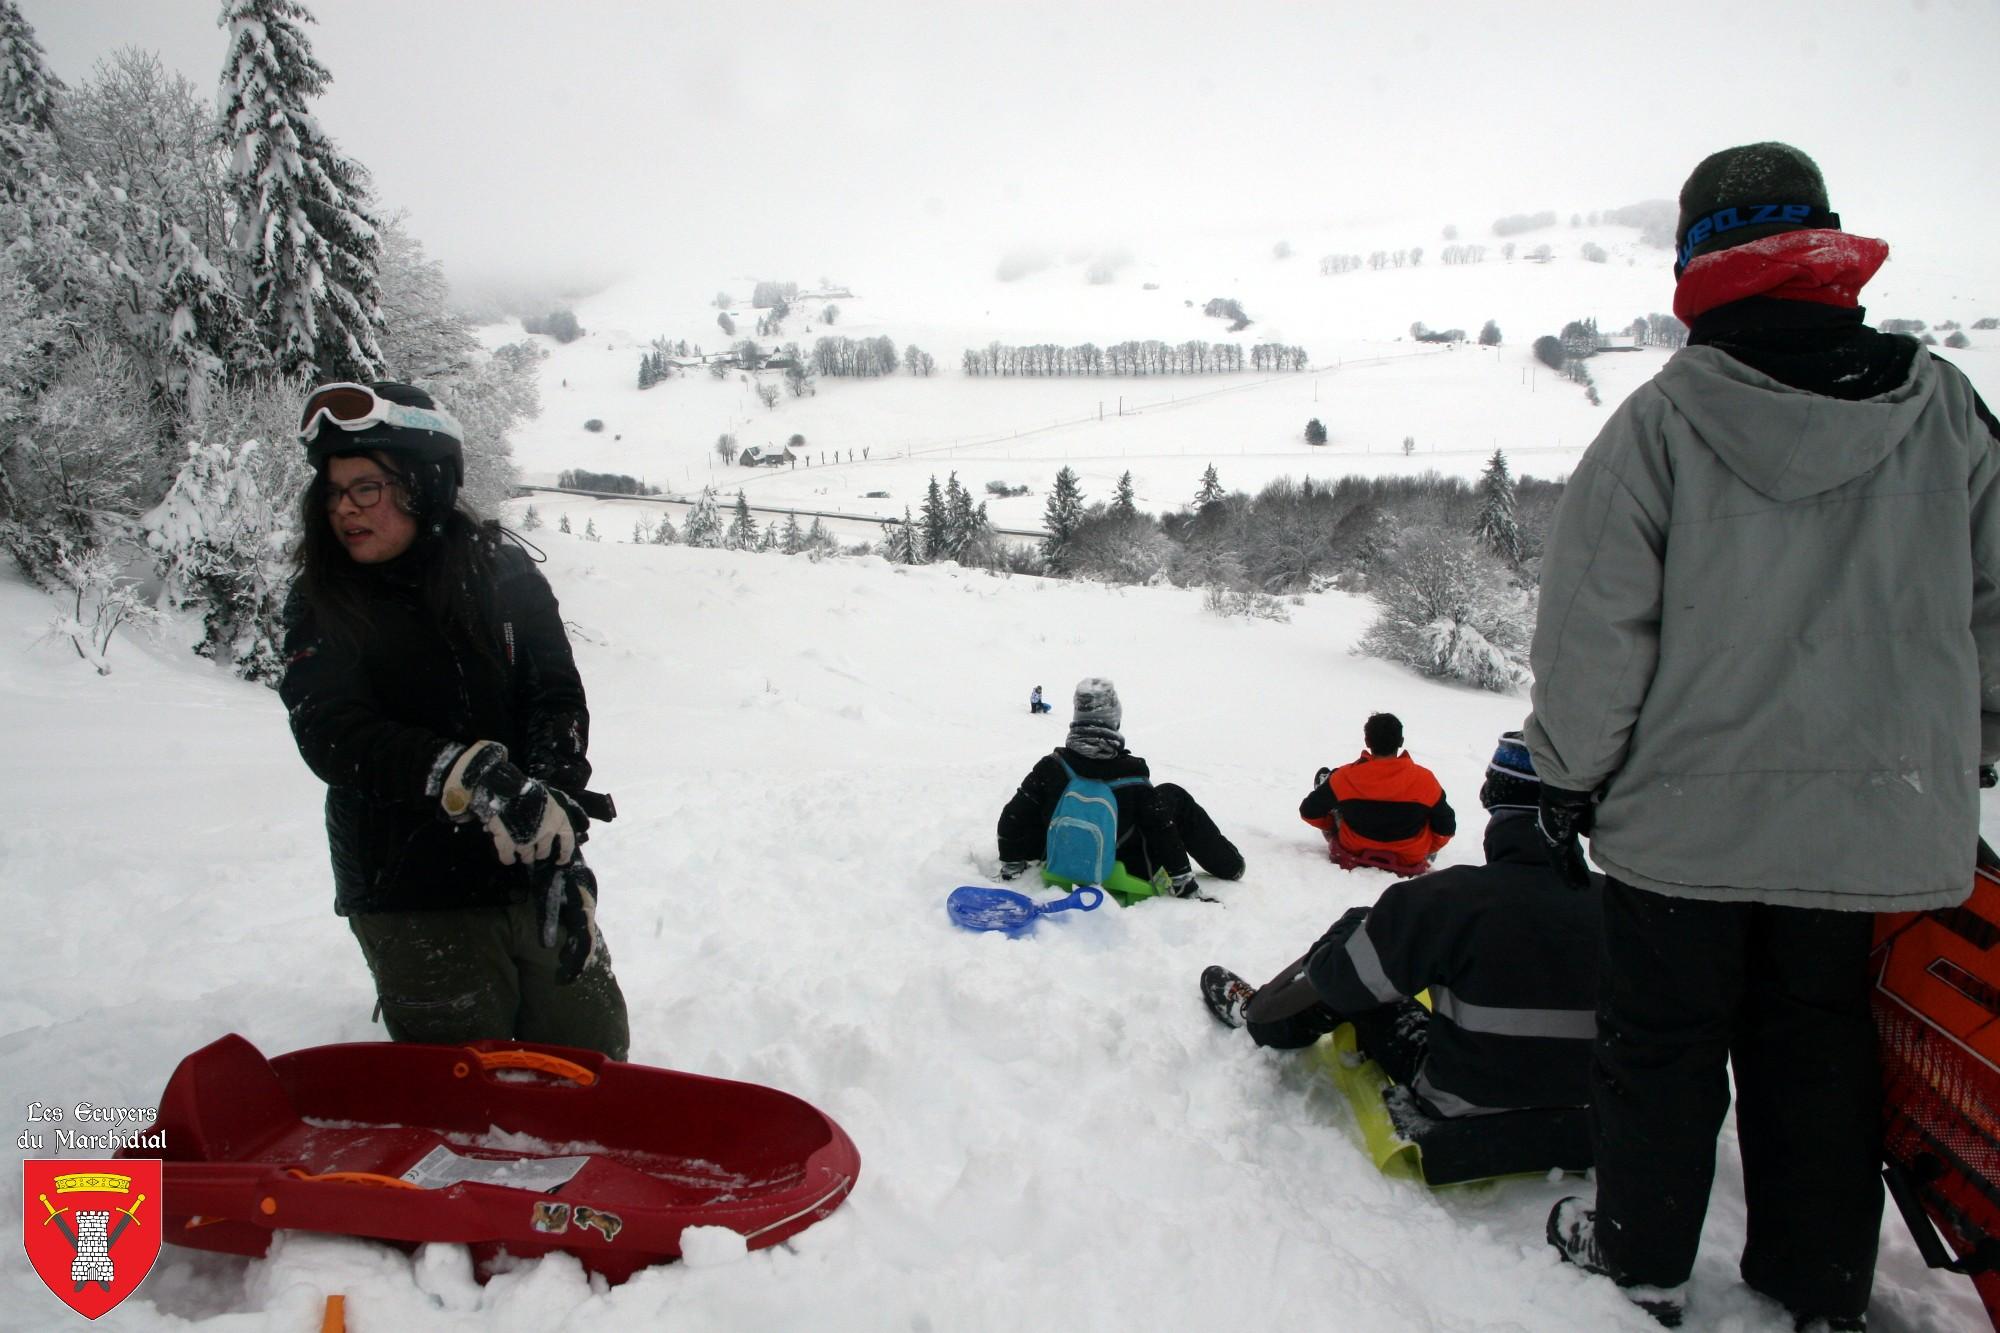 2021-01-03_Sortie_neige-01-marchidial.fr_